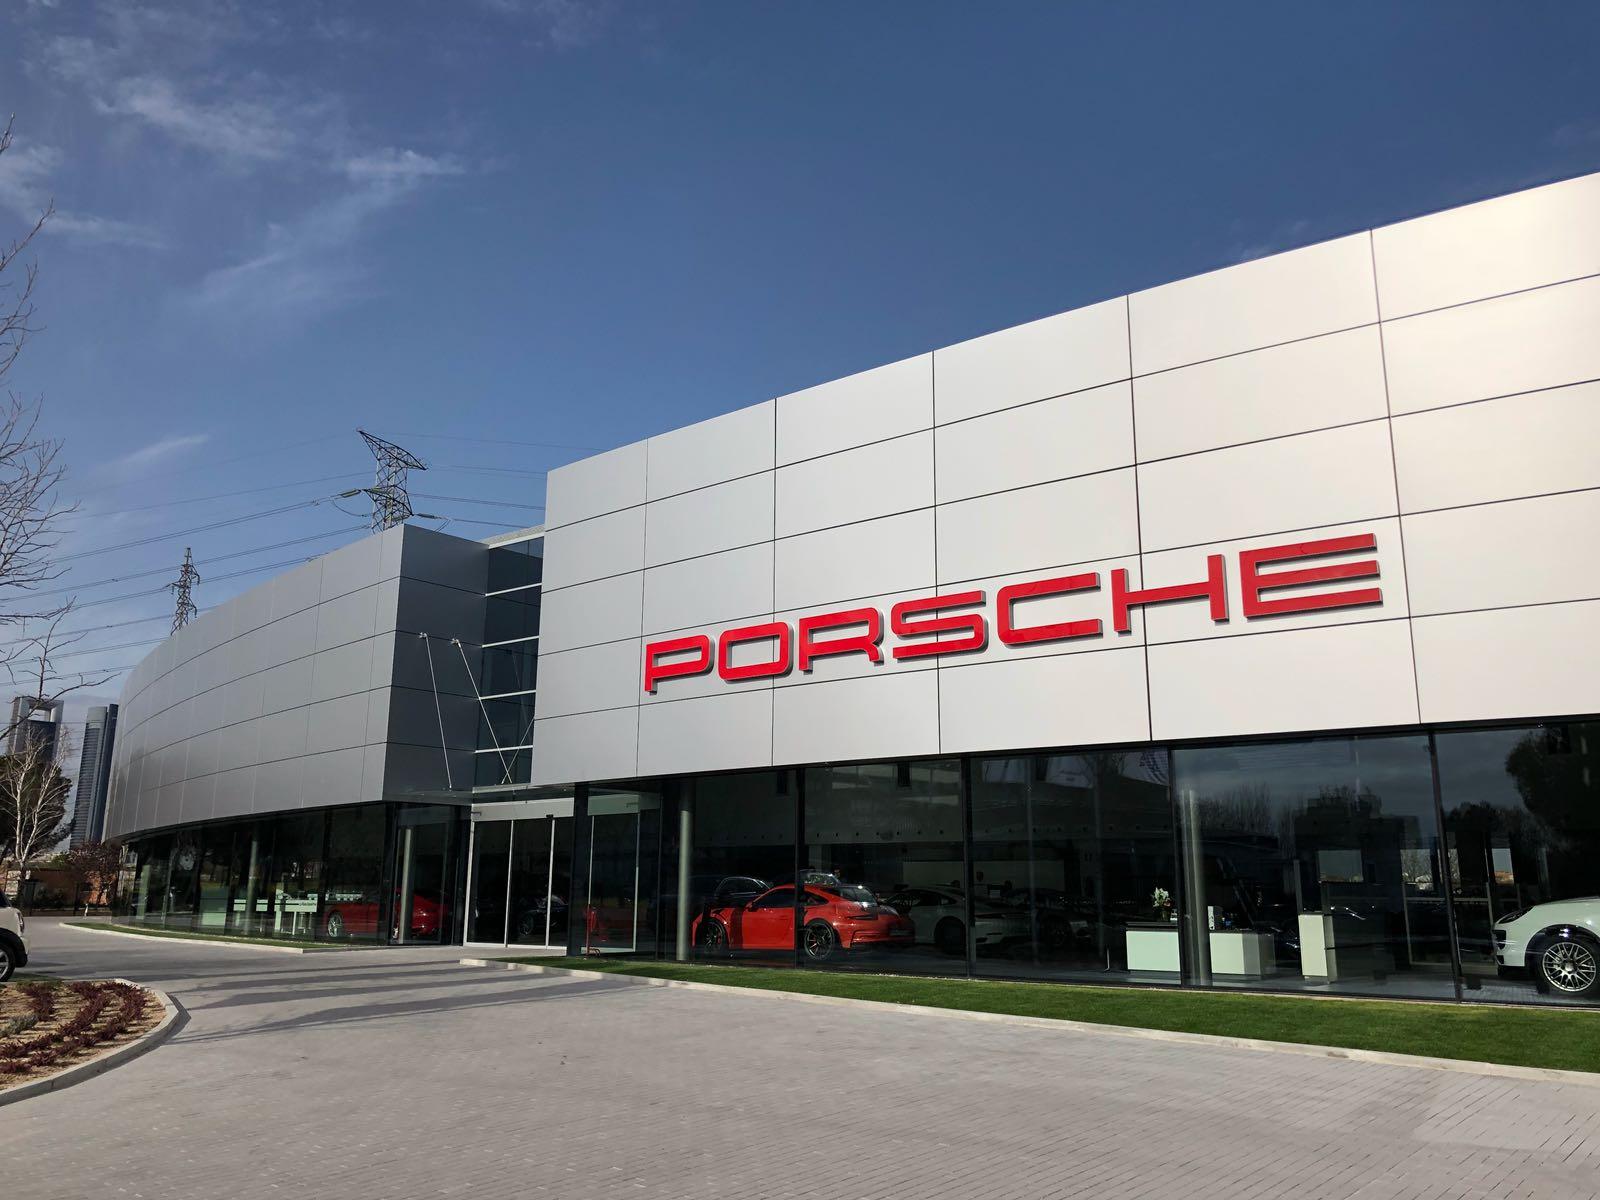 Porsche Ibérica — Enea Design